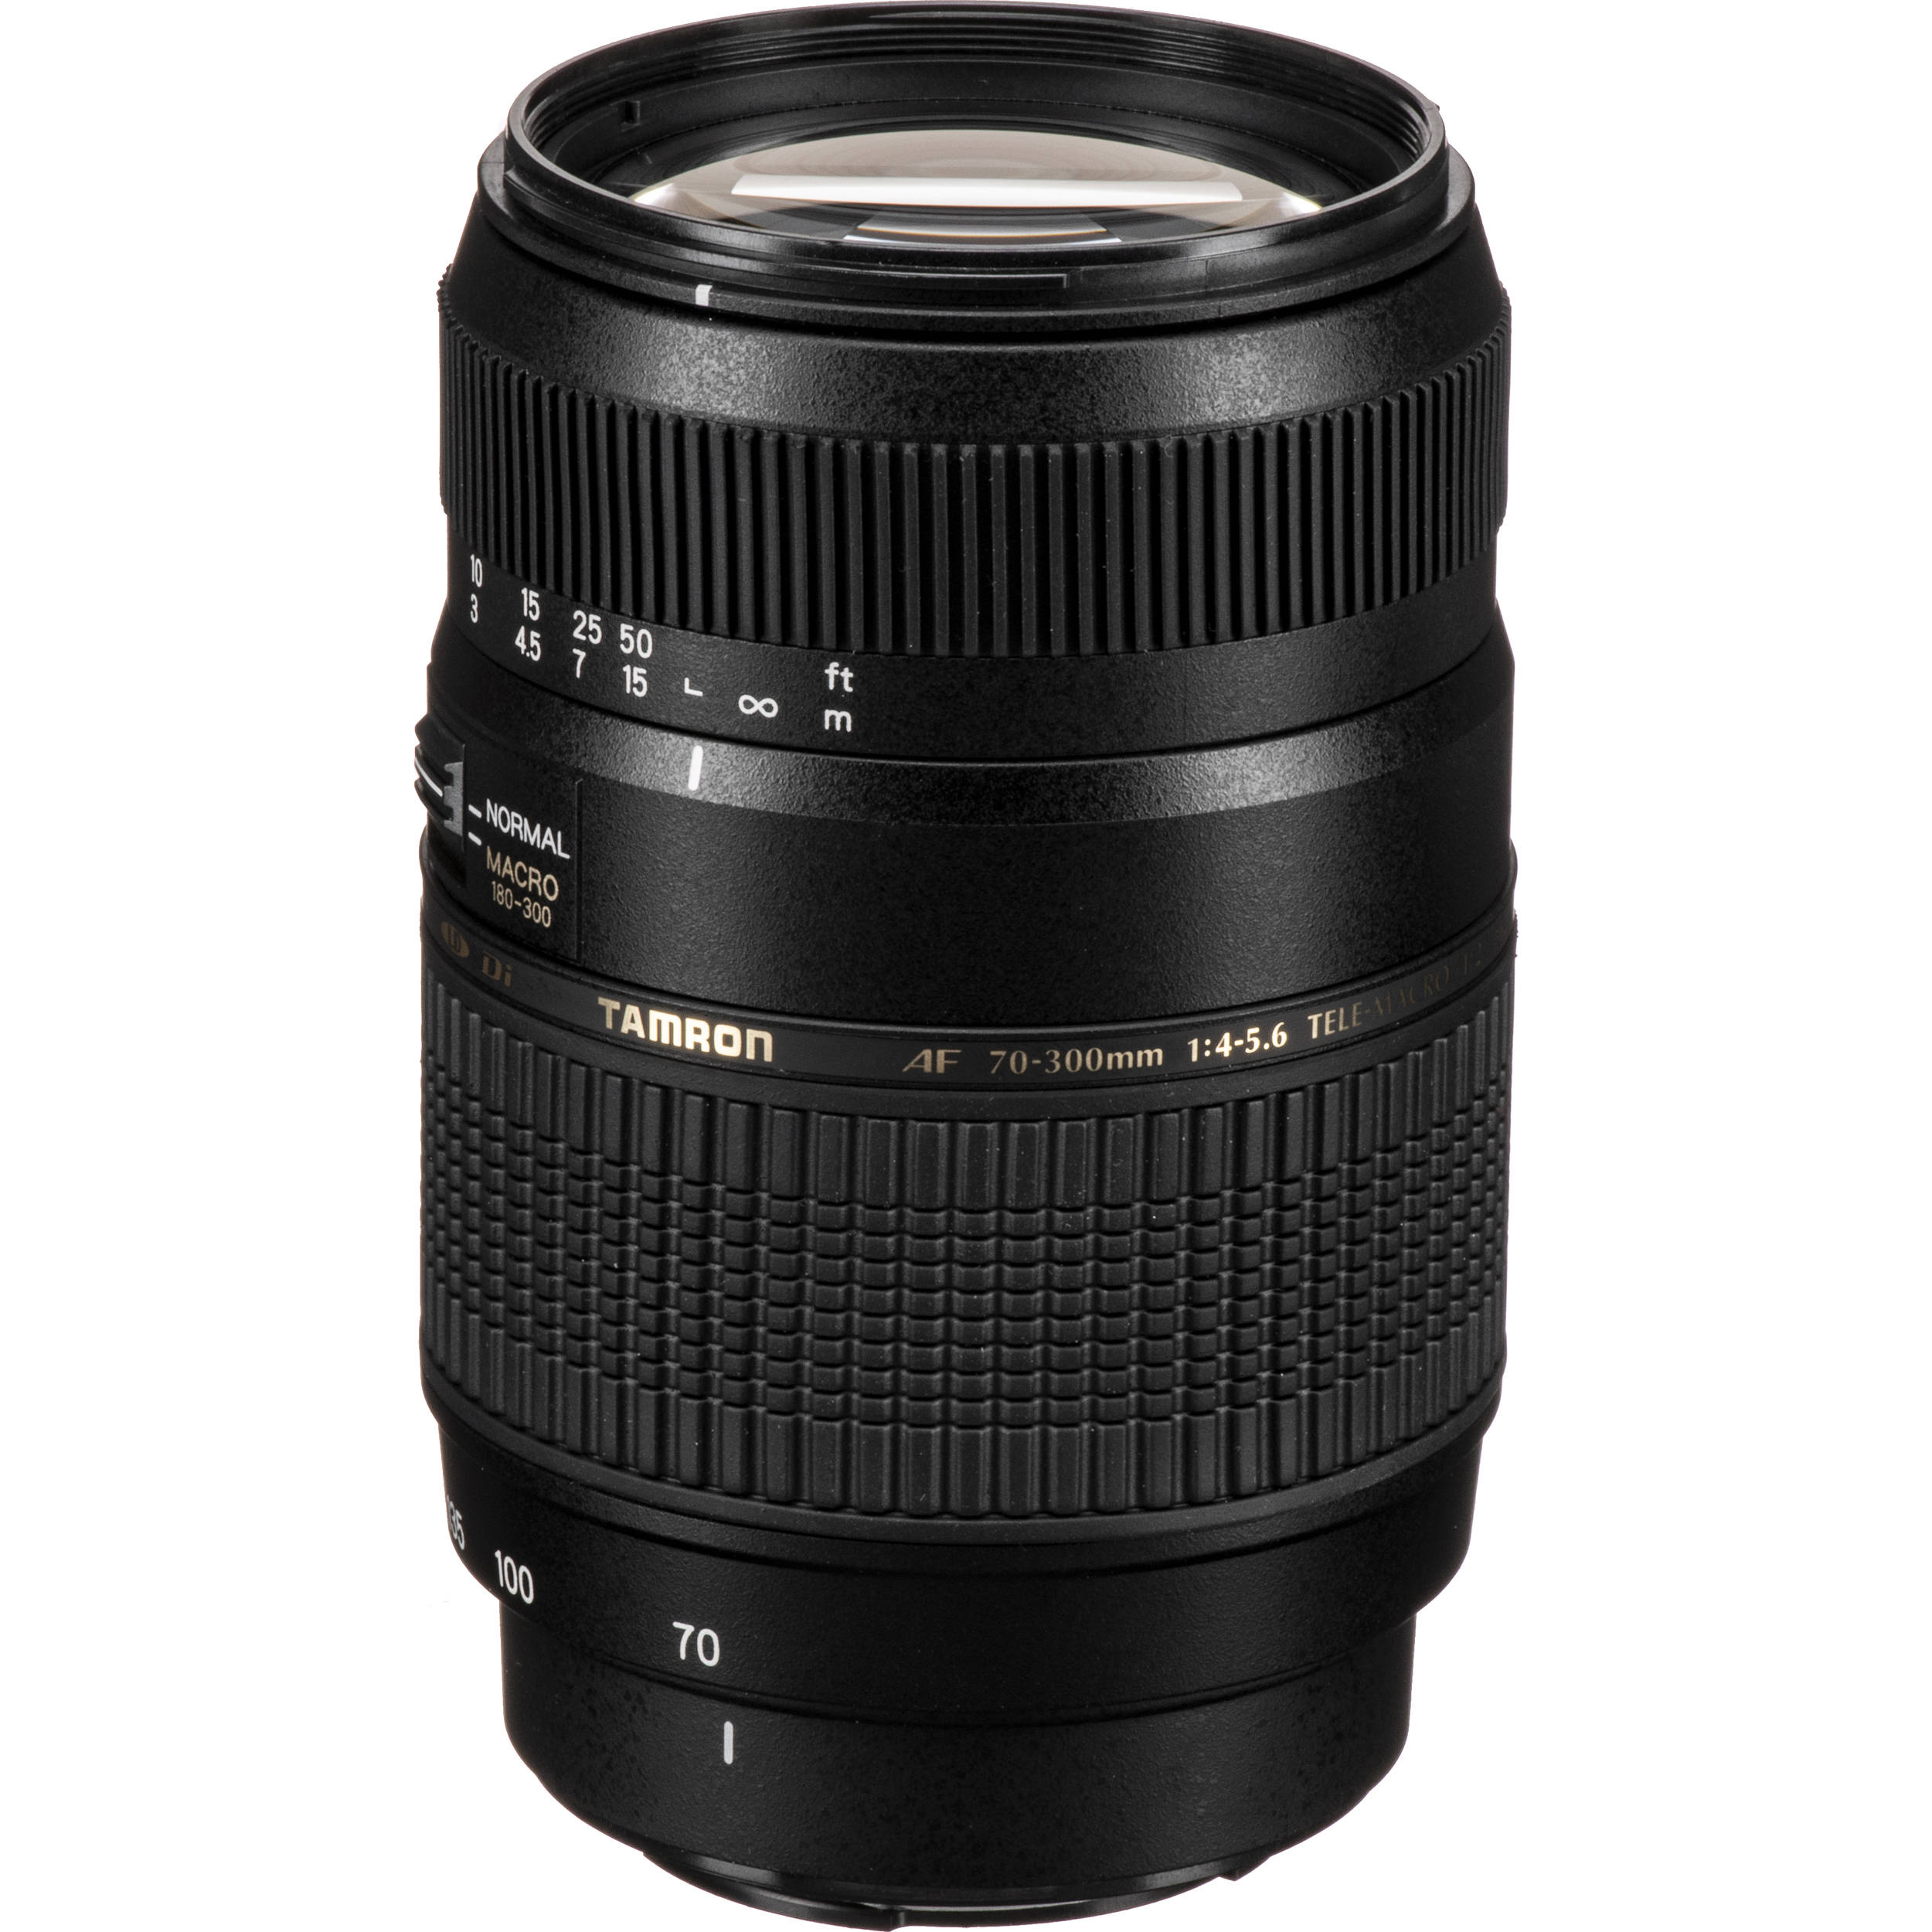 Tamron 70-300mm f/4-5.6 Di LD Macro Lens AF017M-700 B&H Photo